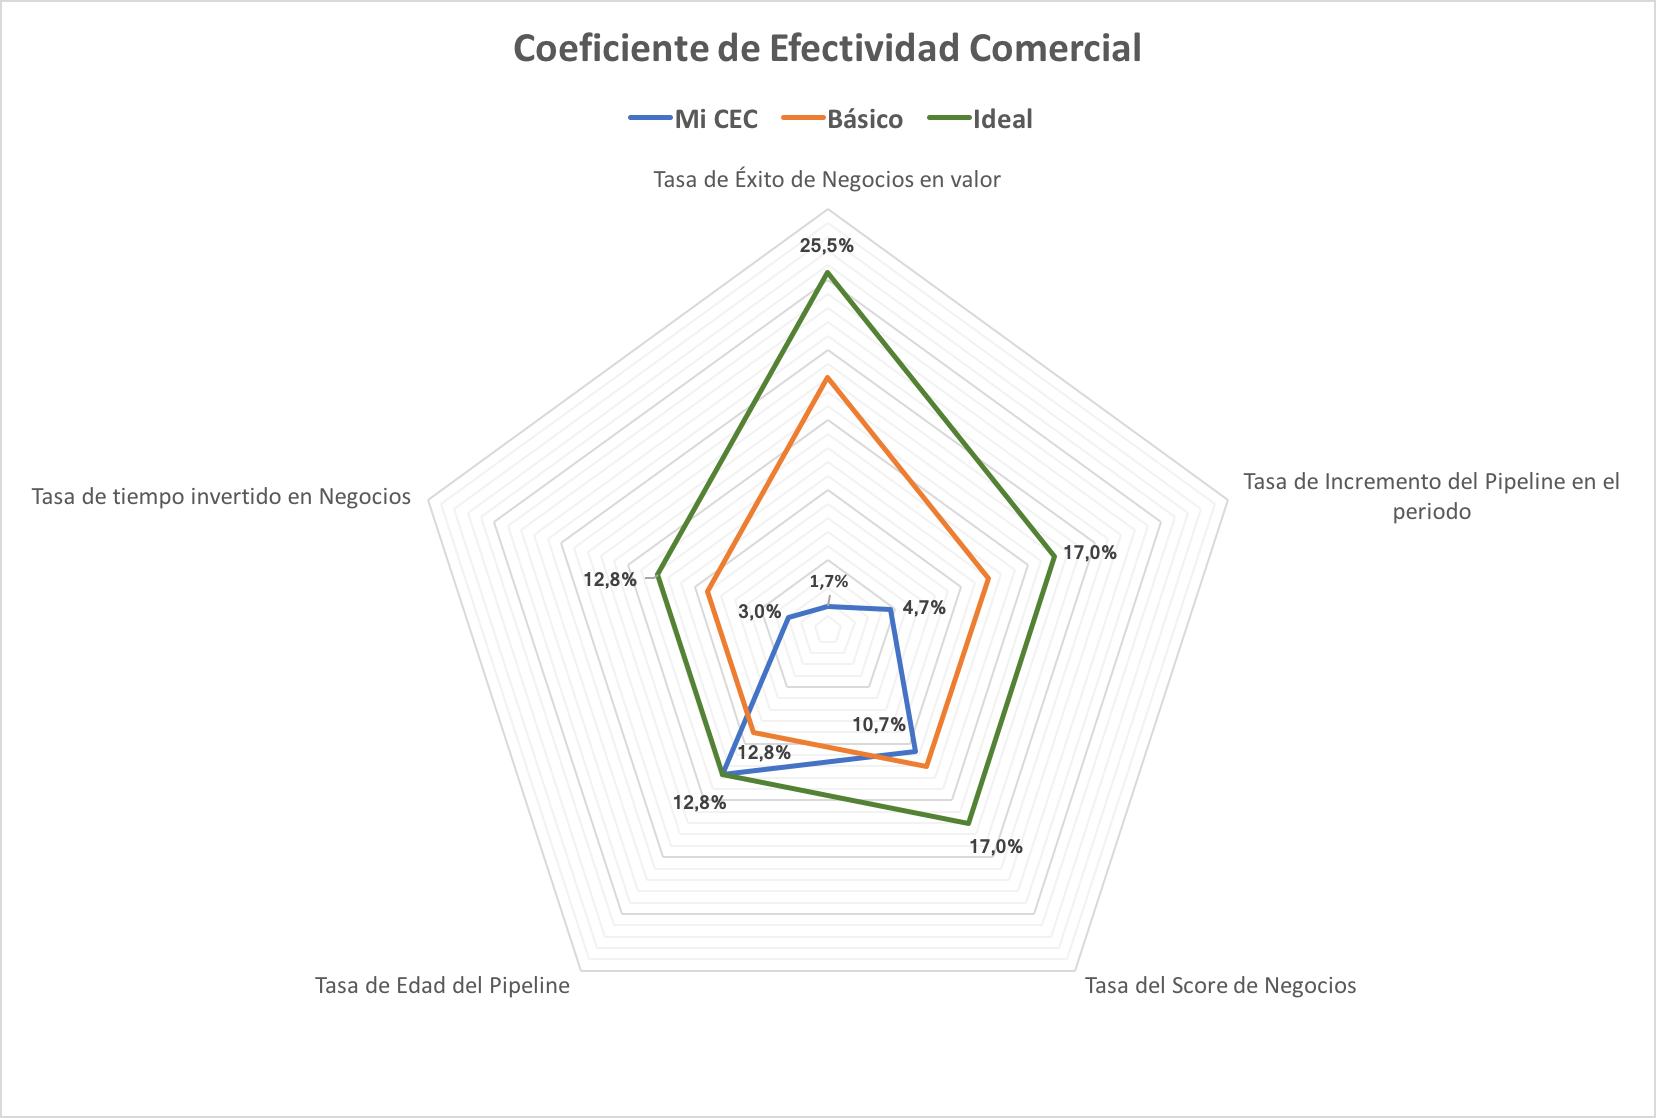 Coeficiente Efectividad Comercial Benchmark